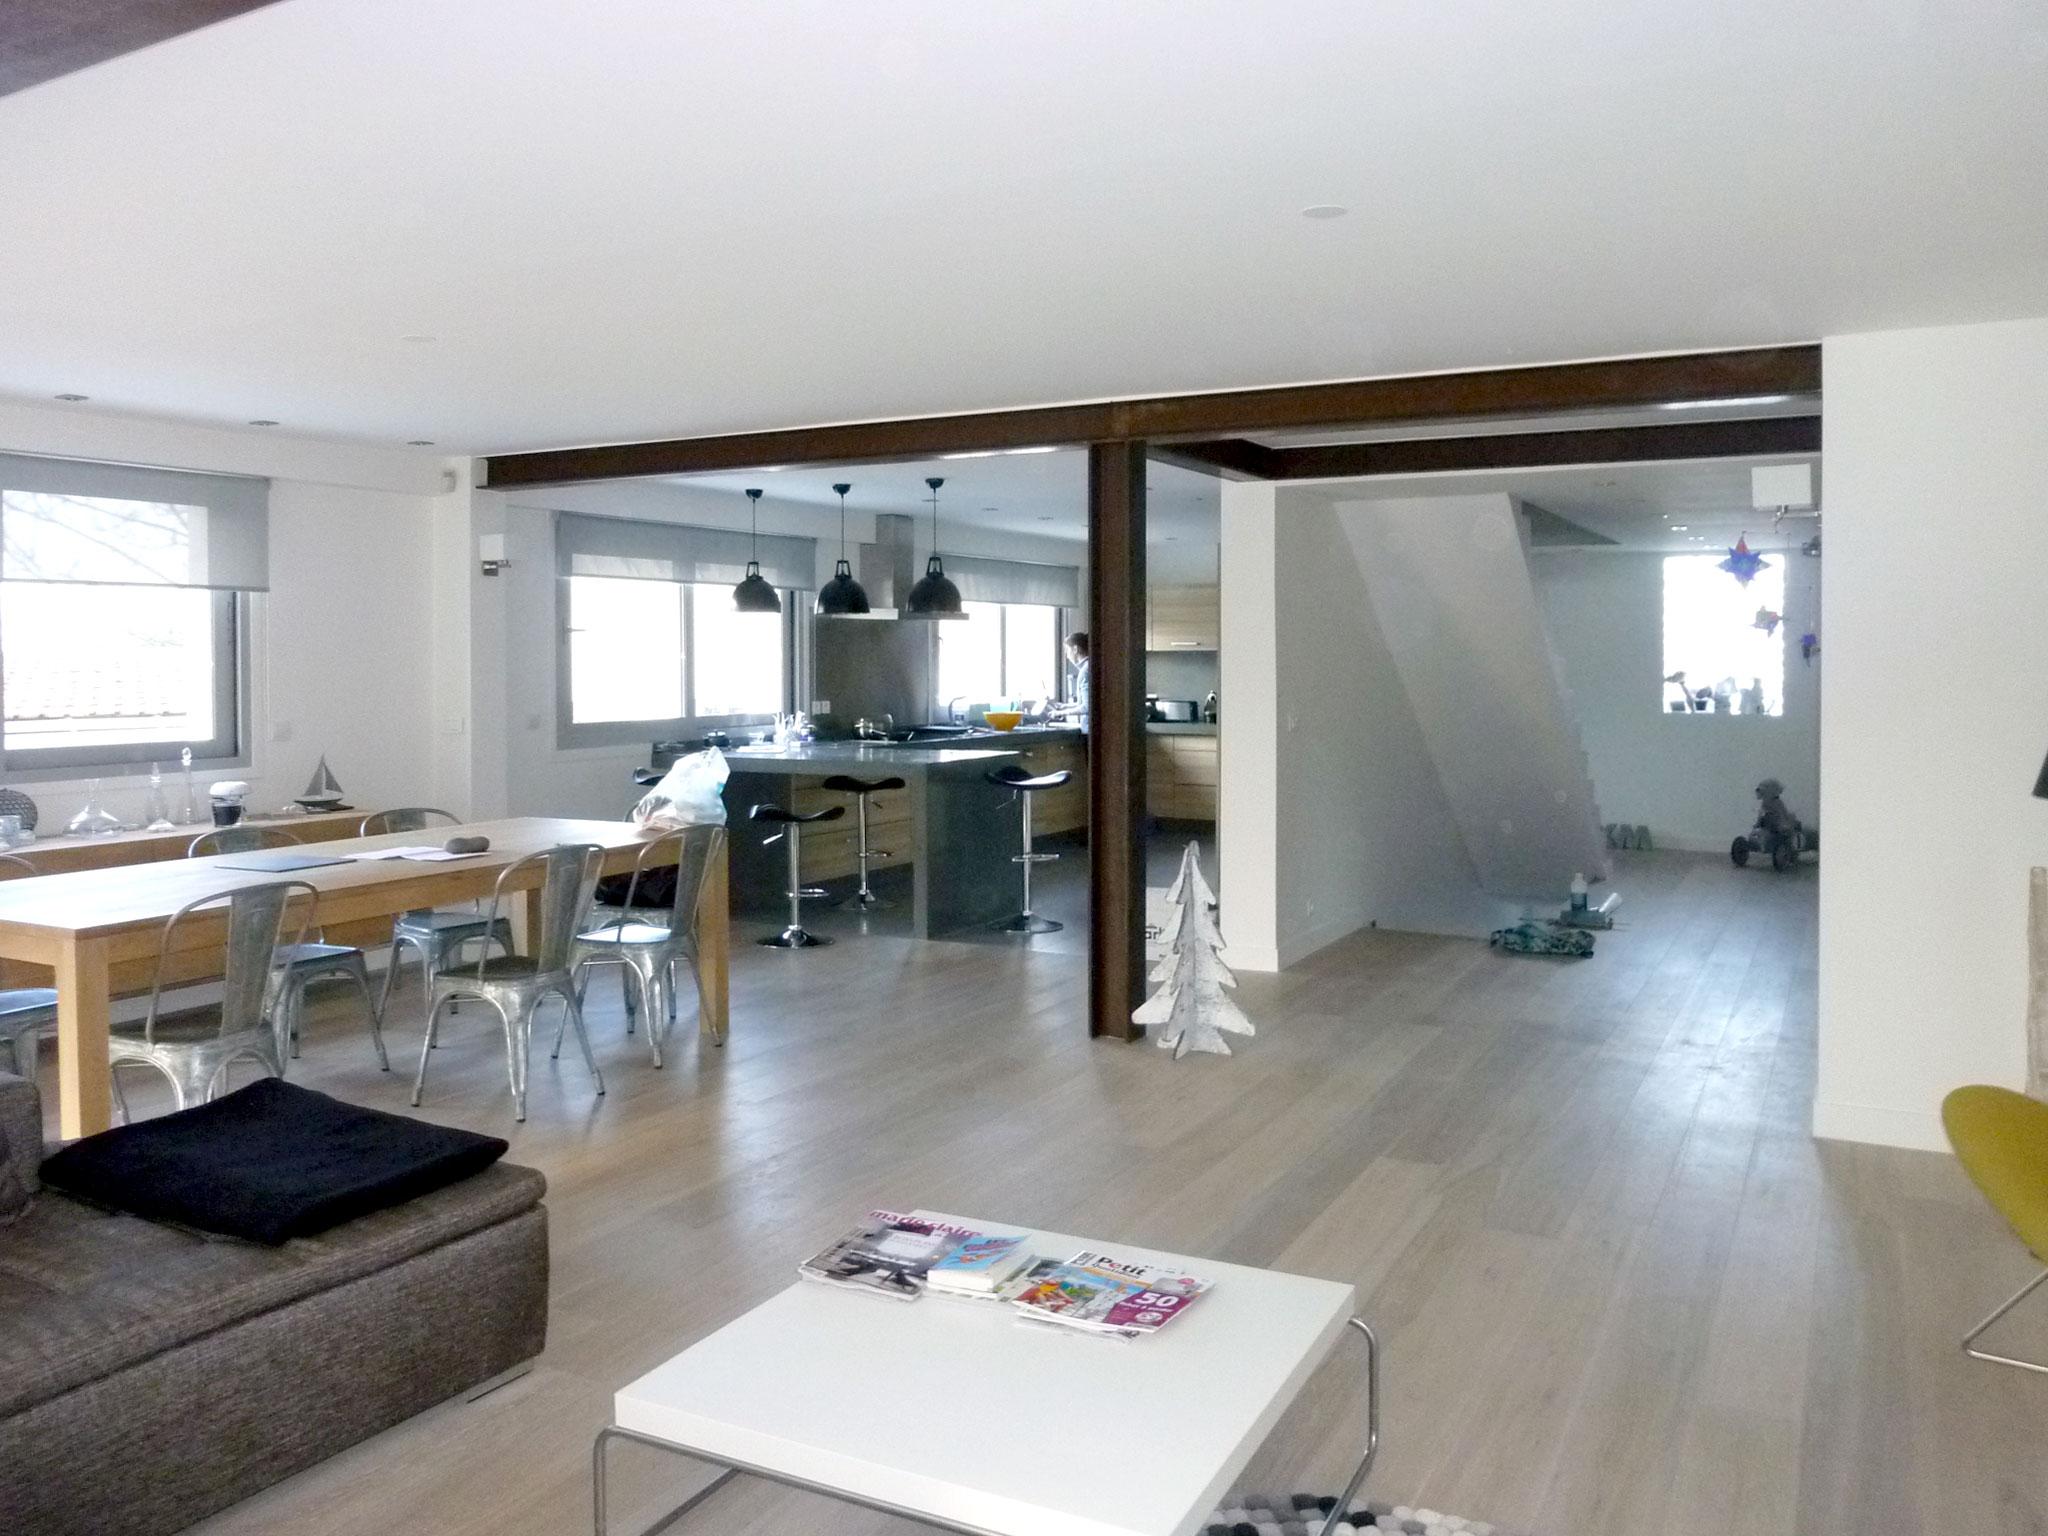 olivier-stadler-architecte-maison-noisy-le-roi (10)